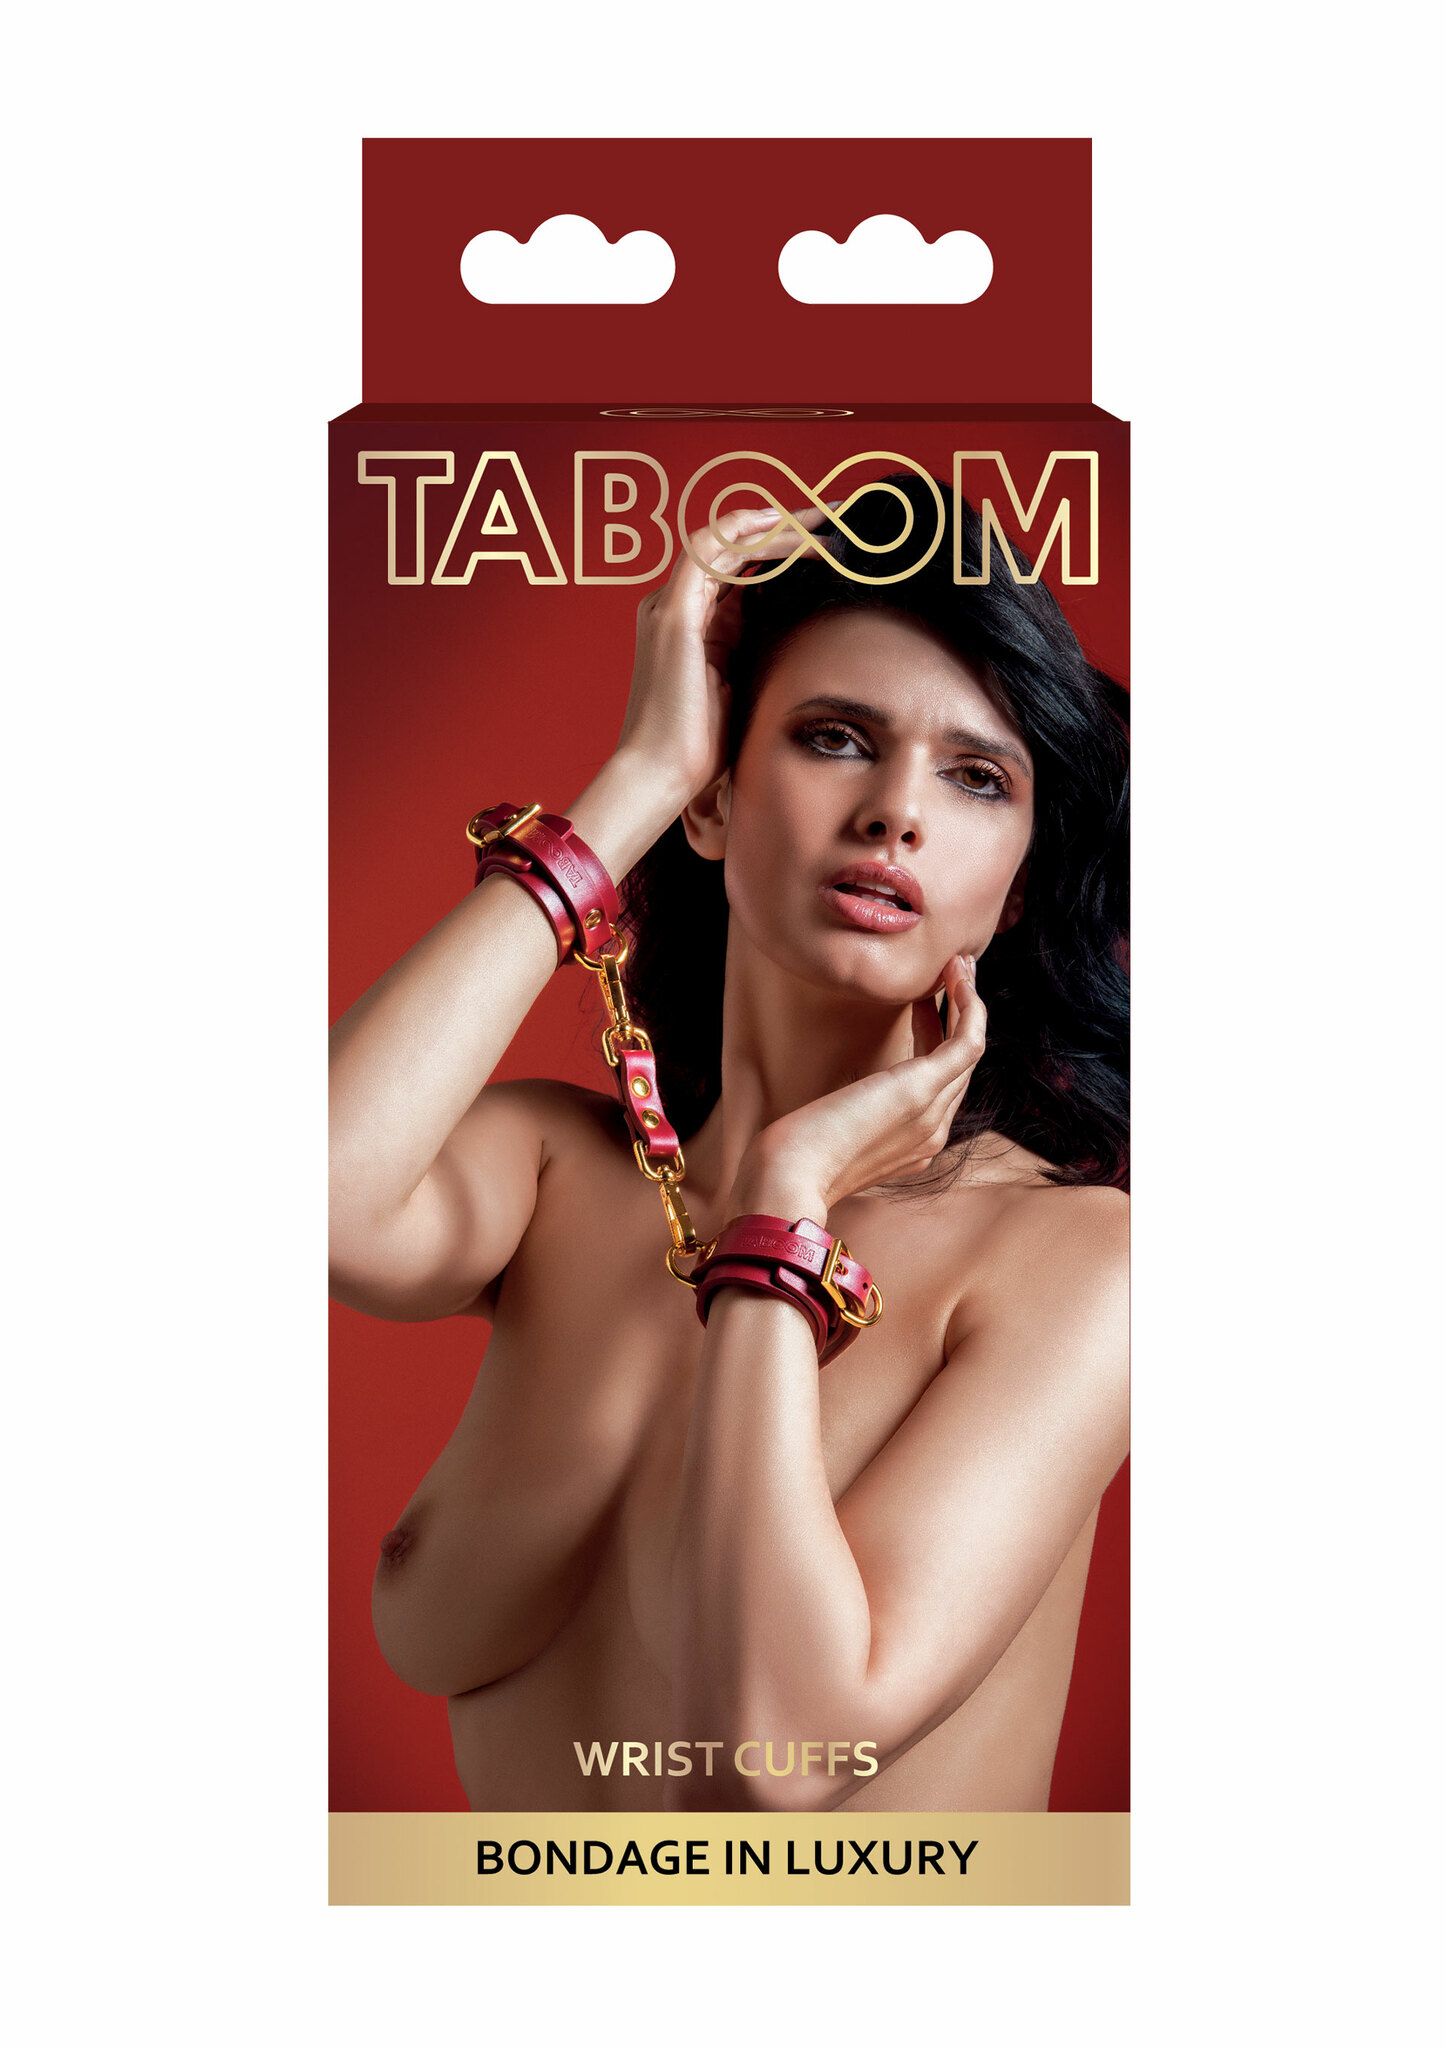 TABOOM - Wrist Cuffs